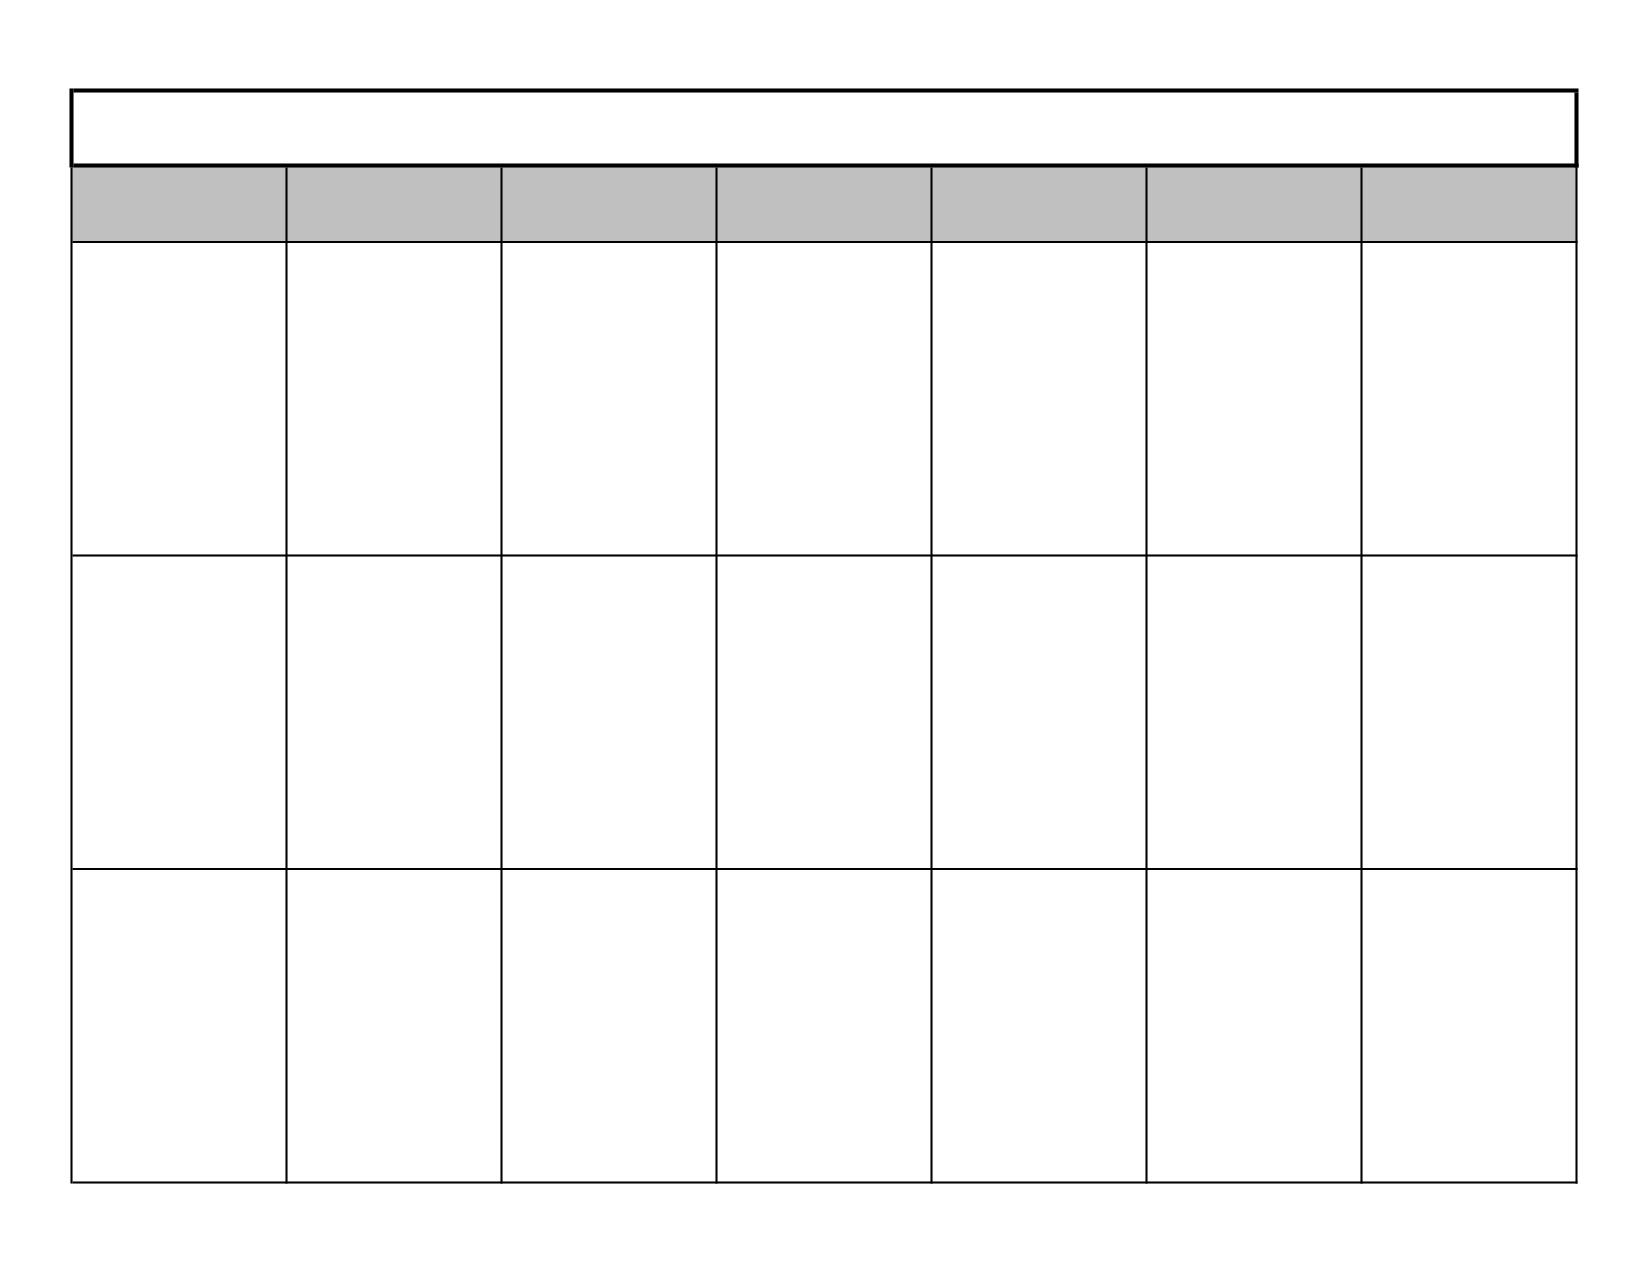 Two Week Calendar Printable Template Word Free | Smorad inside 2 Week Blank Calendar Template